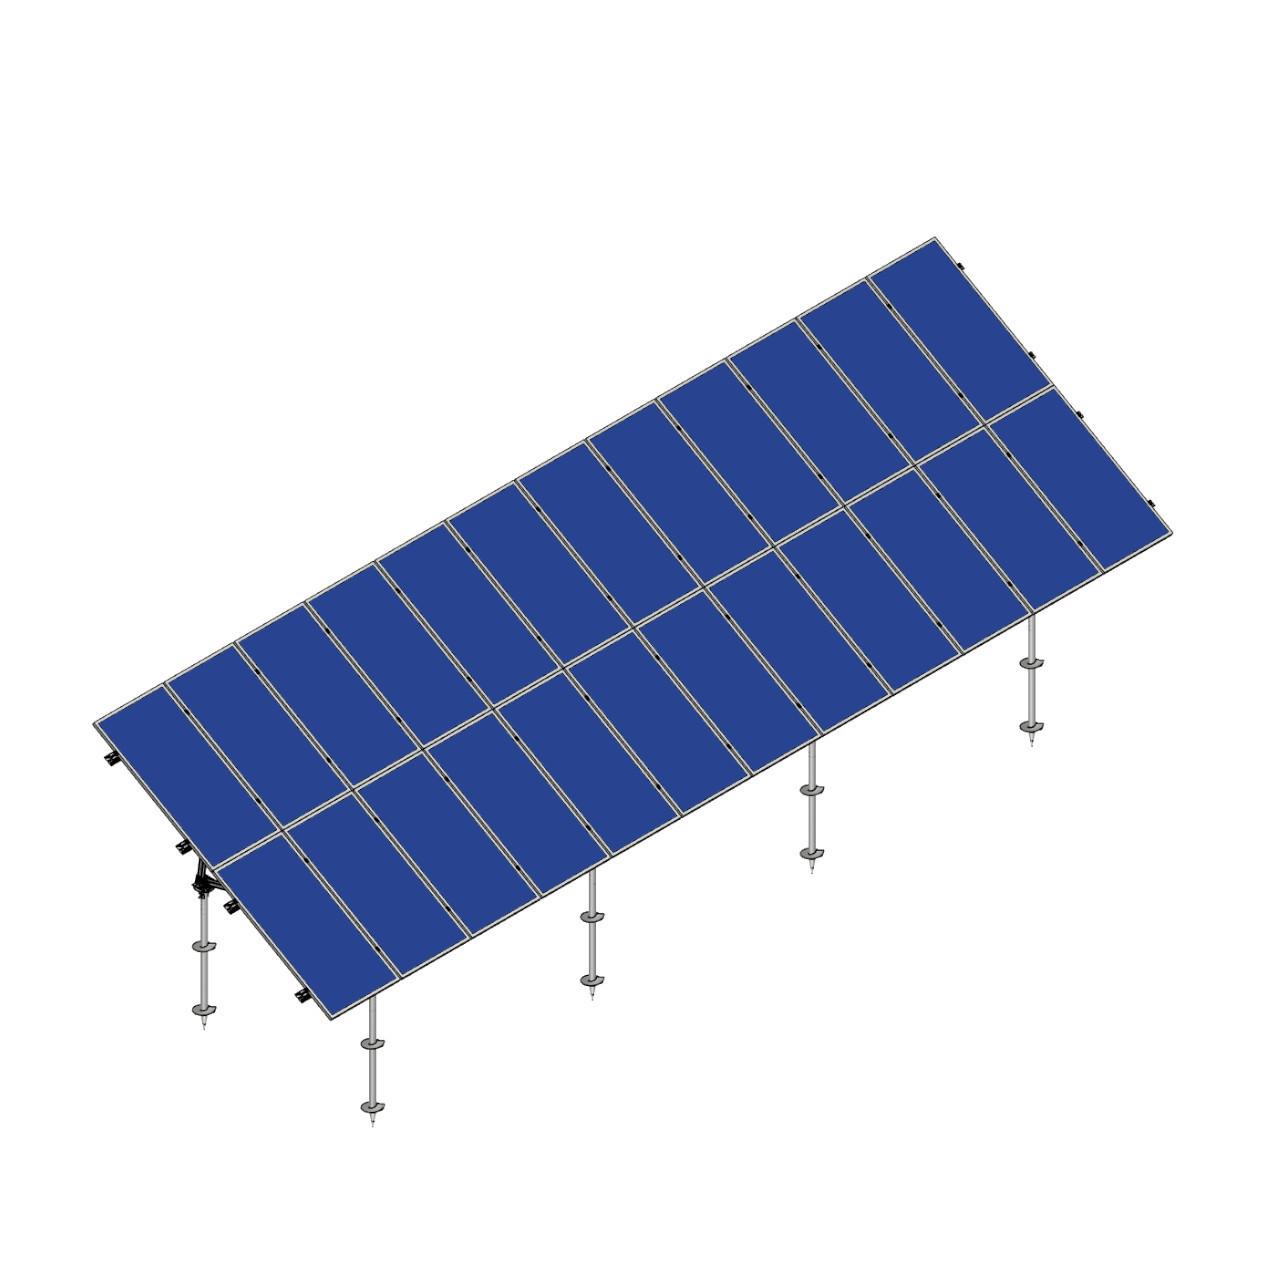 Schletter - PVMax 2Vx12-30deg-Screw-Solid-Panels